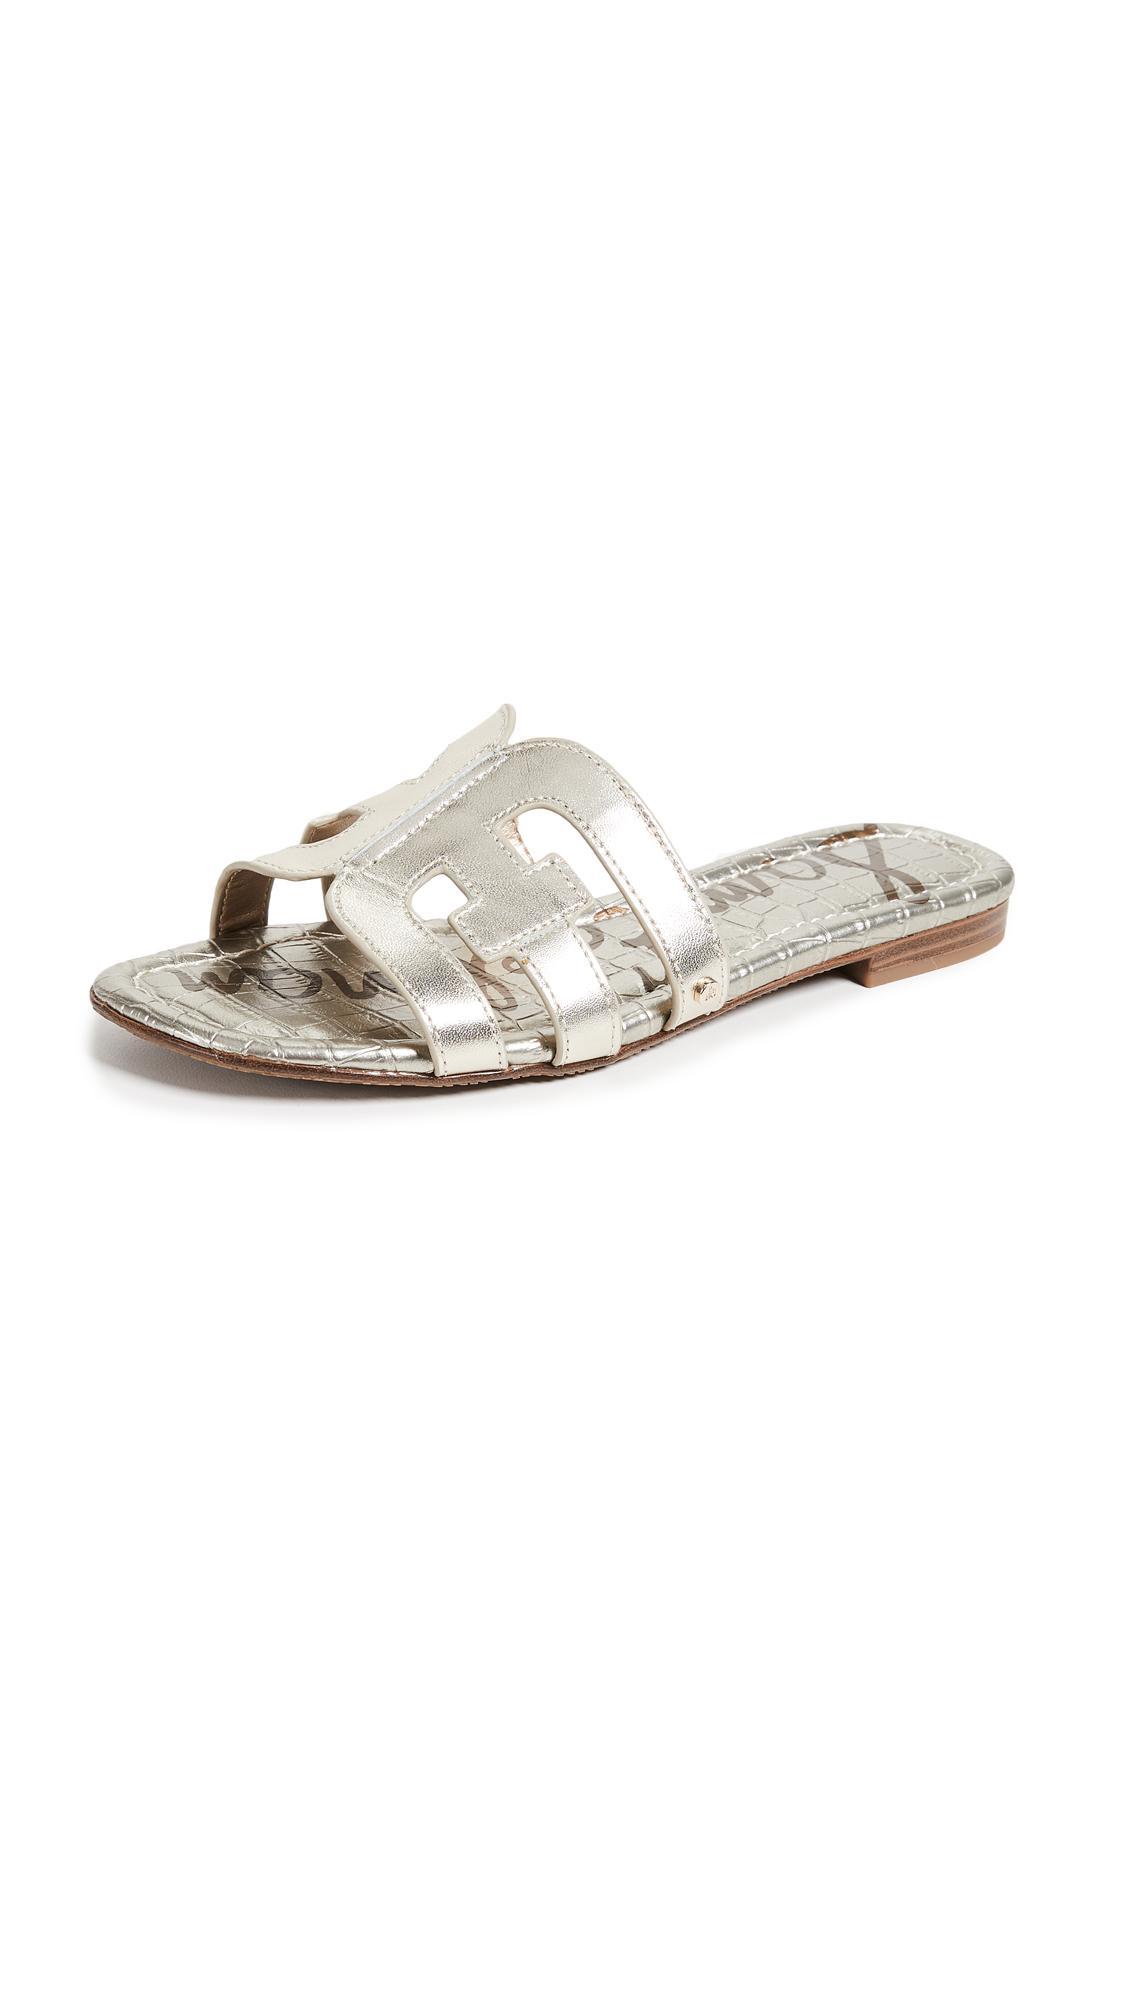 fd6201cd22de Sam Edelman Women s Bay Leather Slide Sandals In Jute